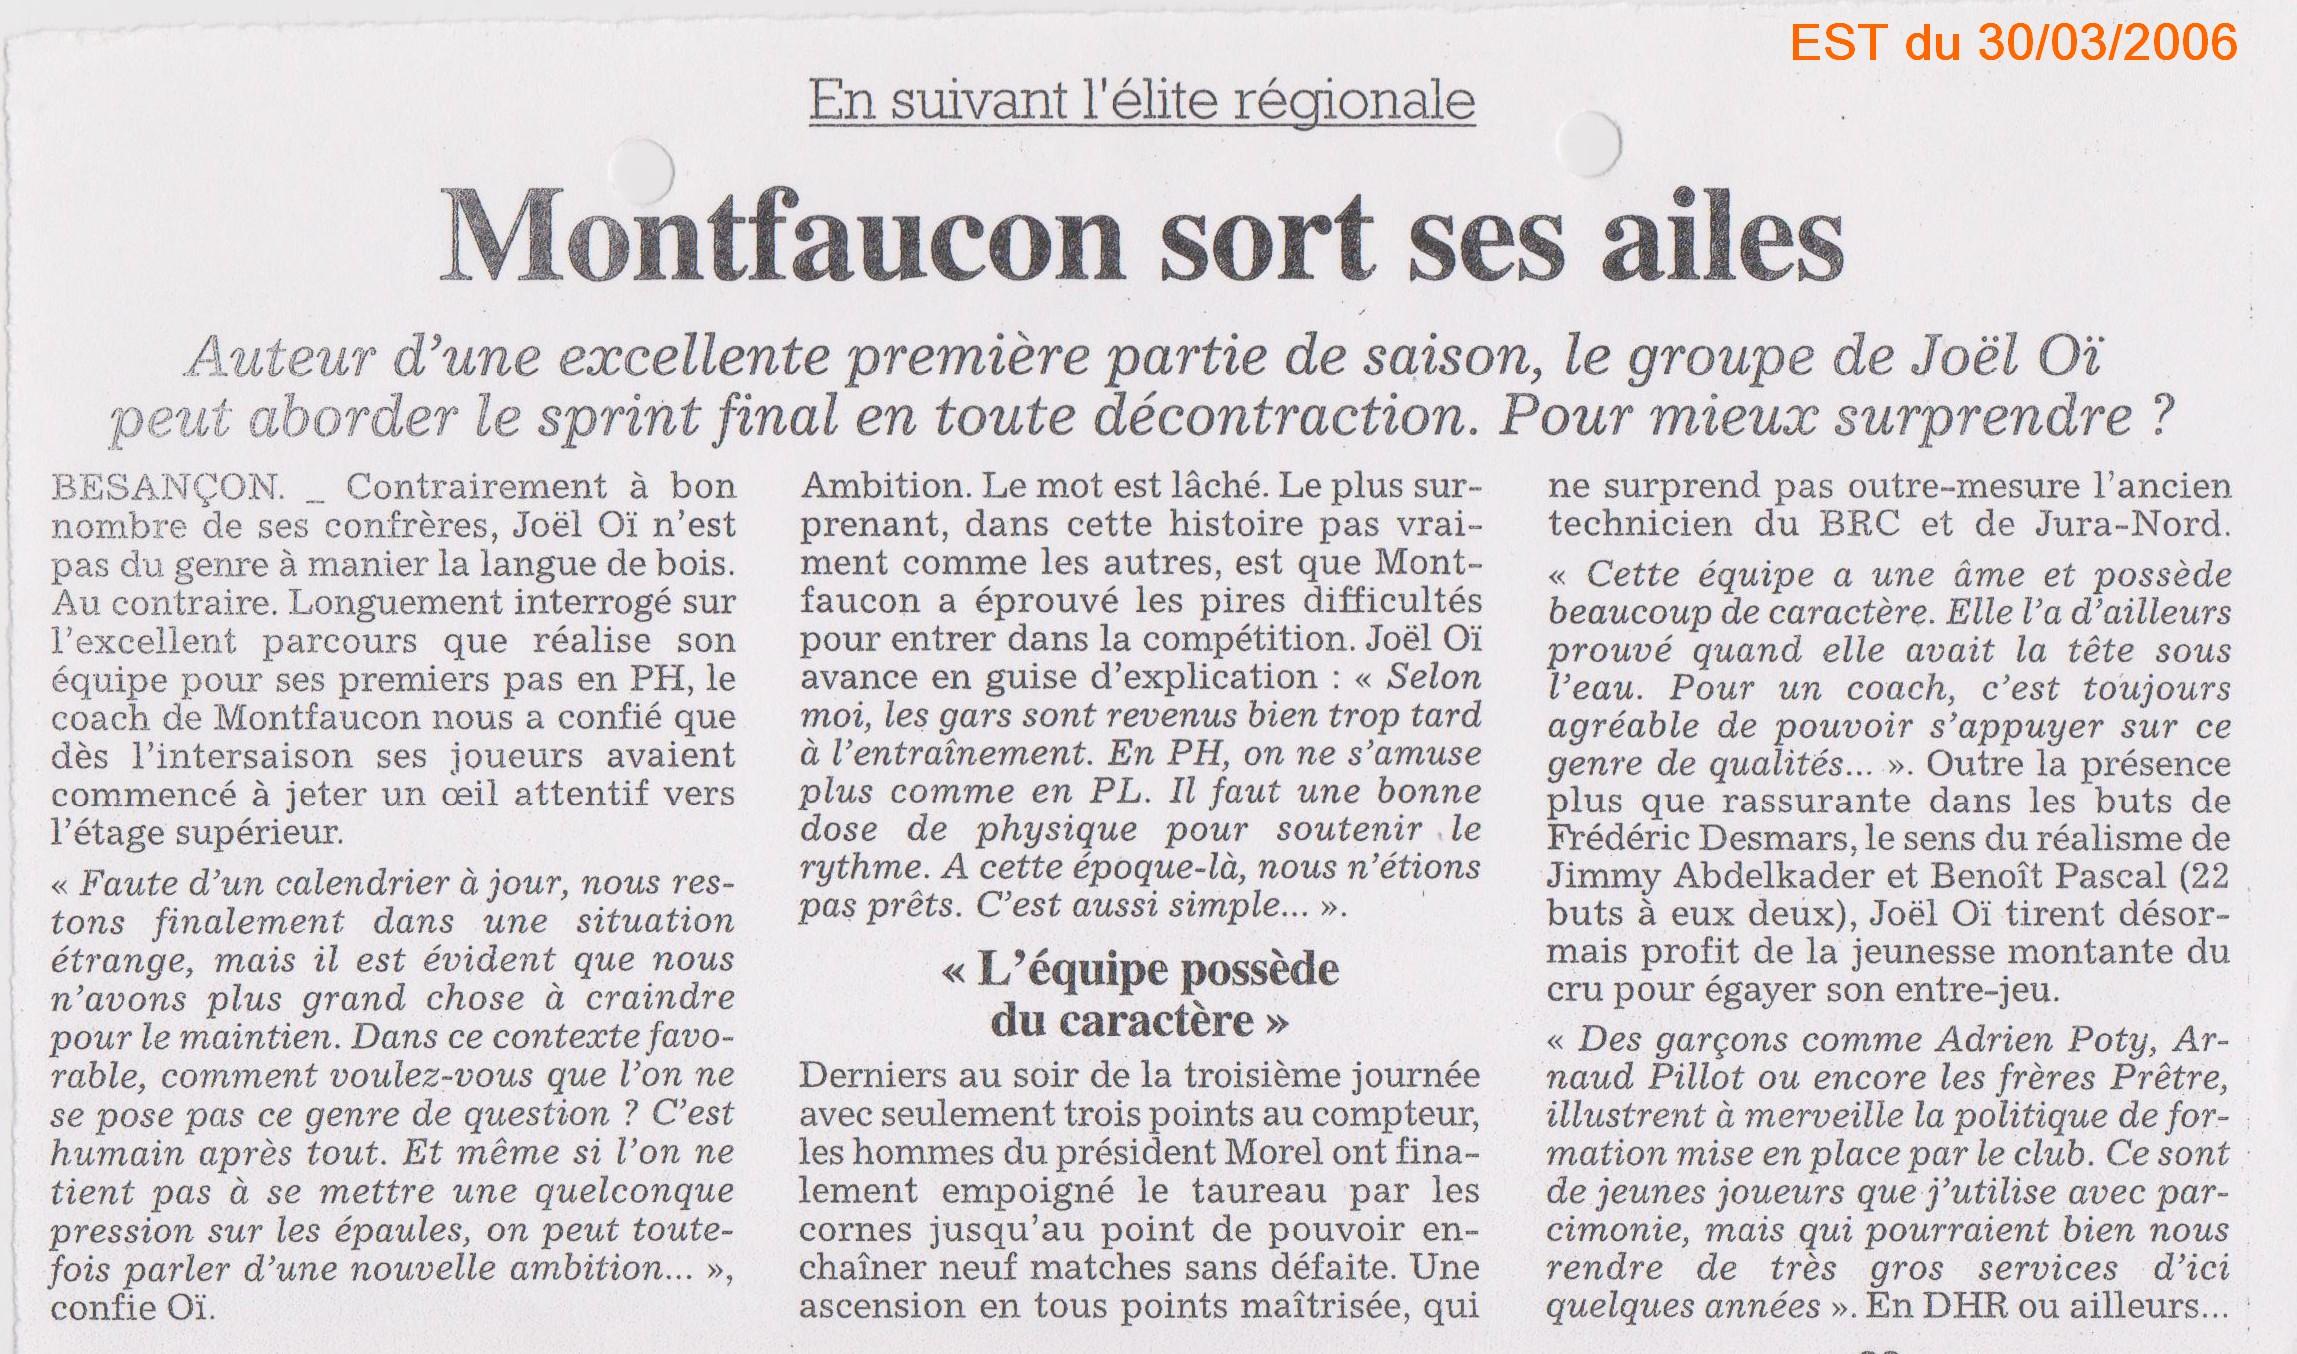 EST du 30/03/2006